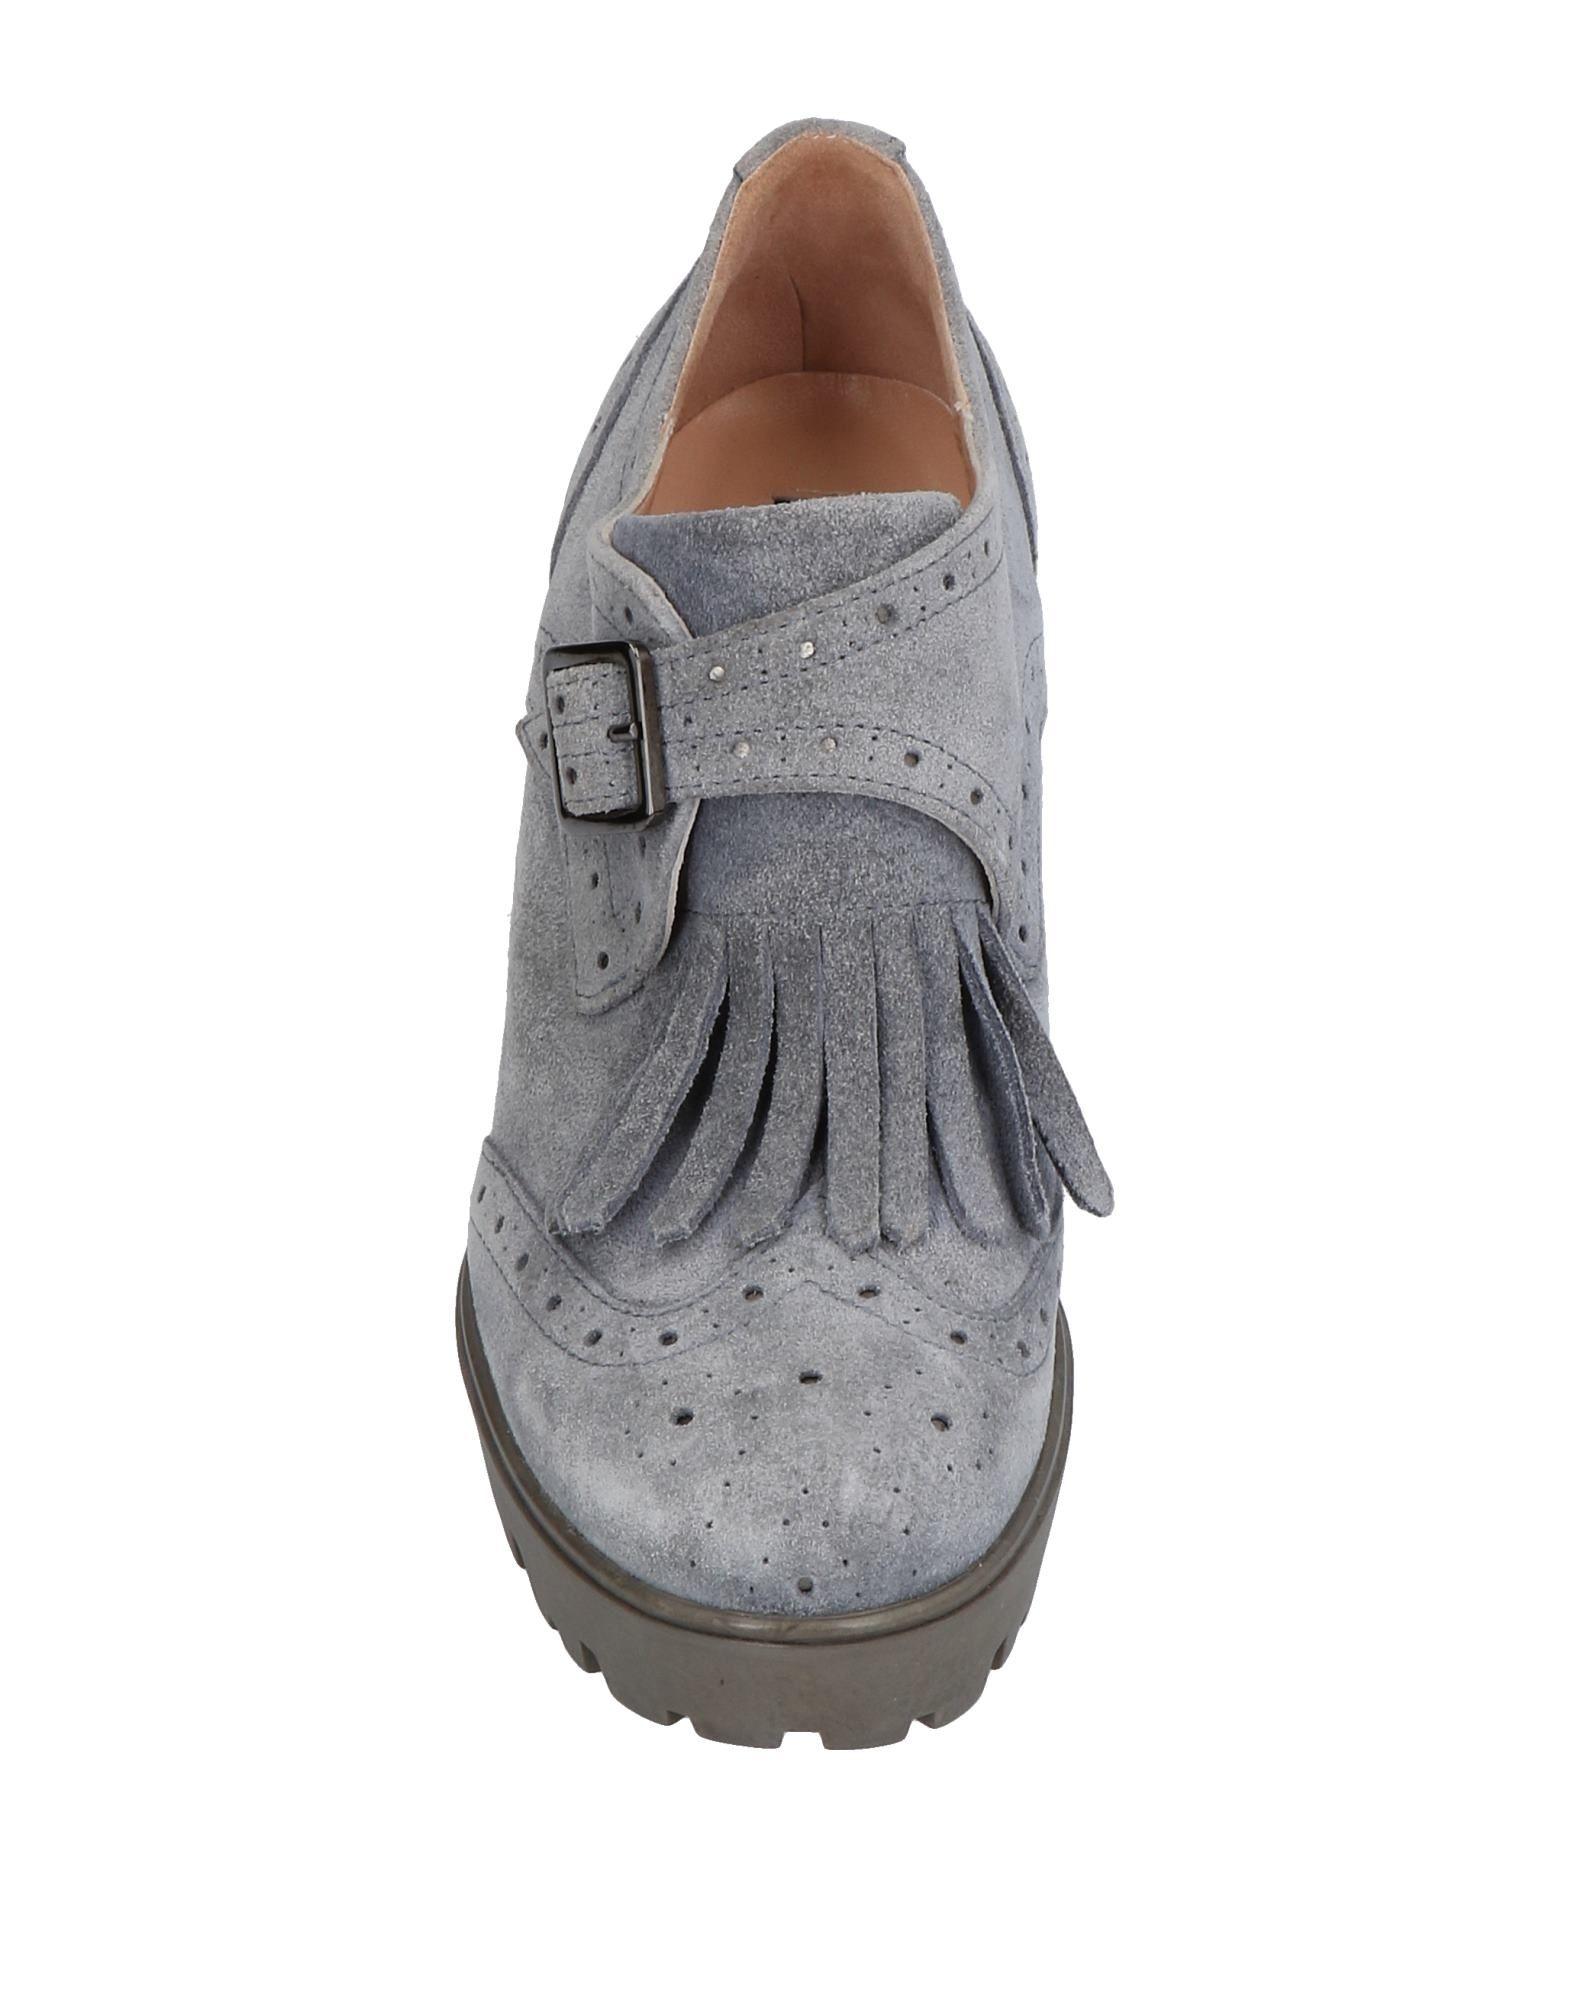 Logan Mokassins Damen 11499641JE Gute Schuhe Qualität beliebte Schuhe Gute dac390